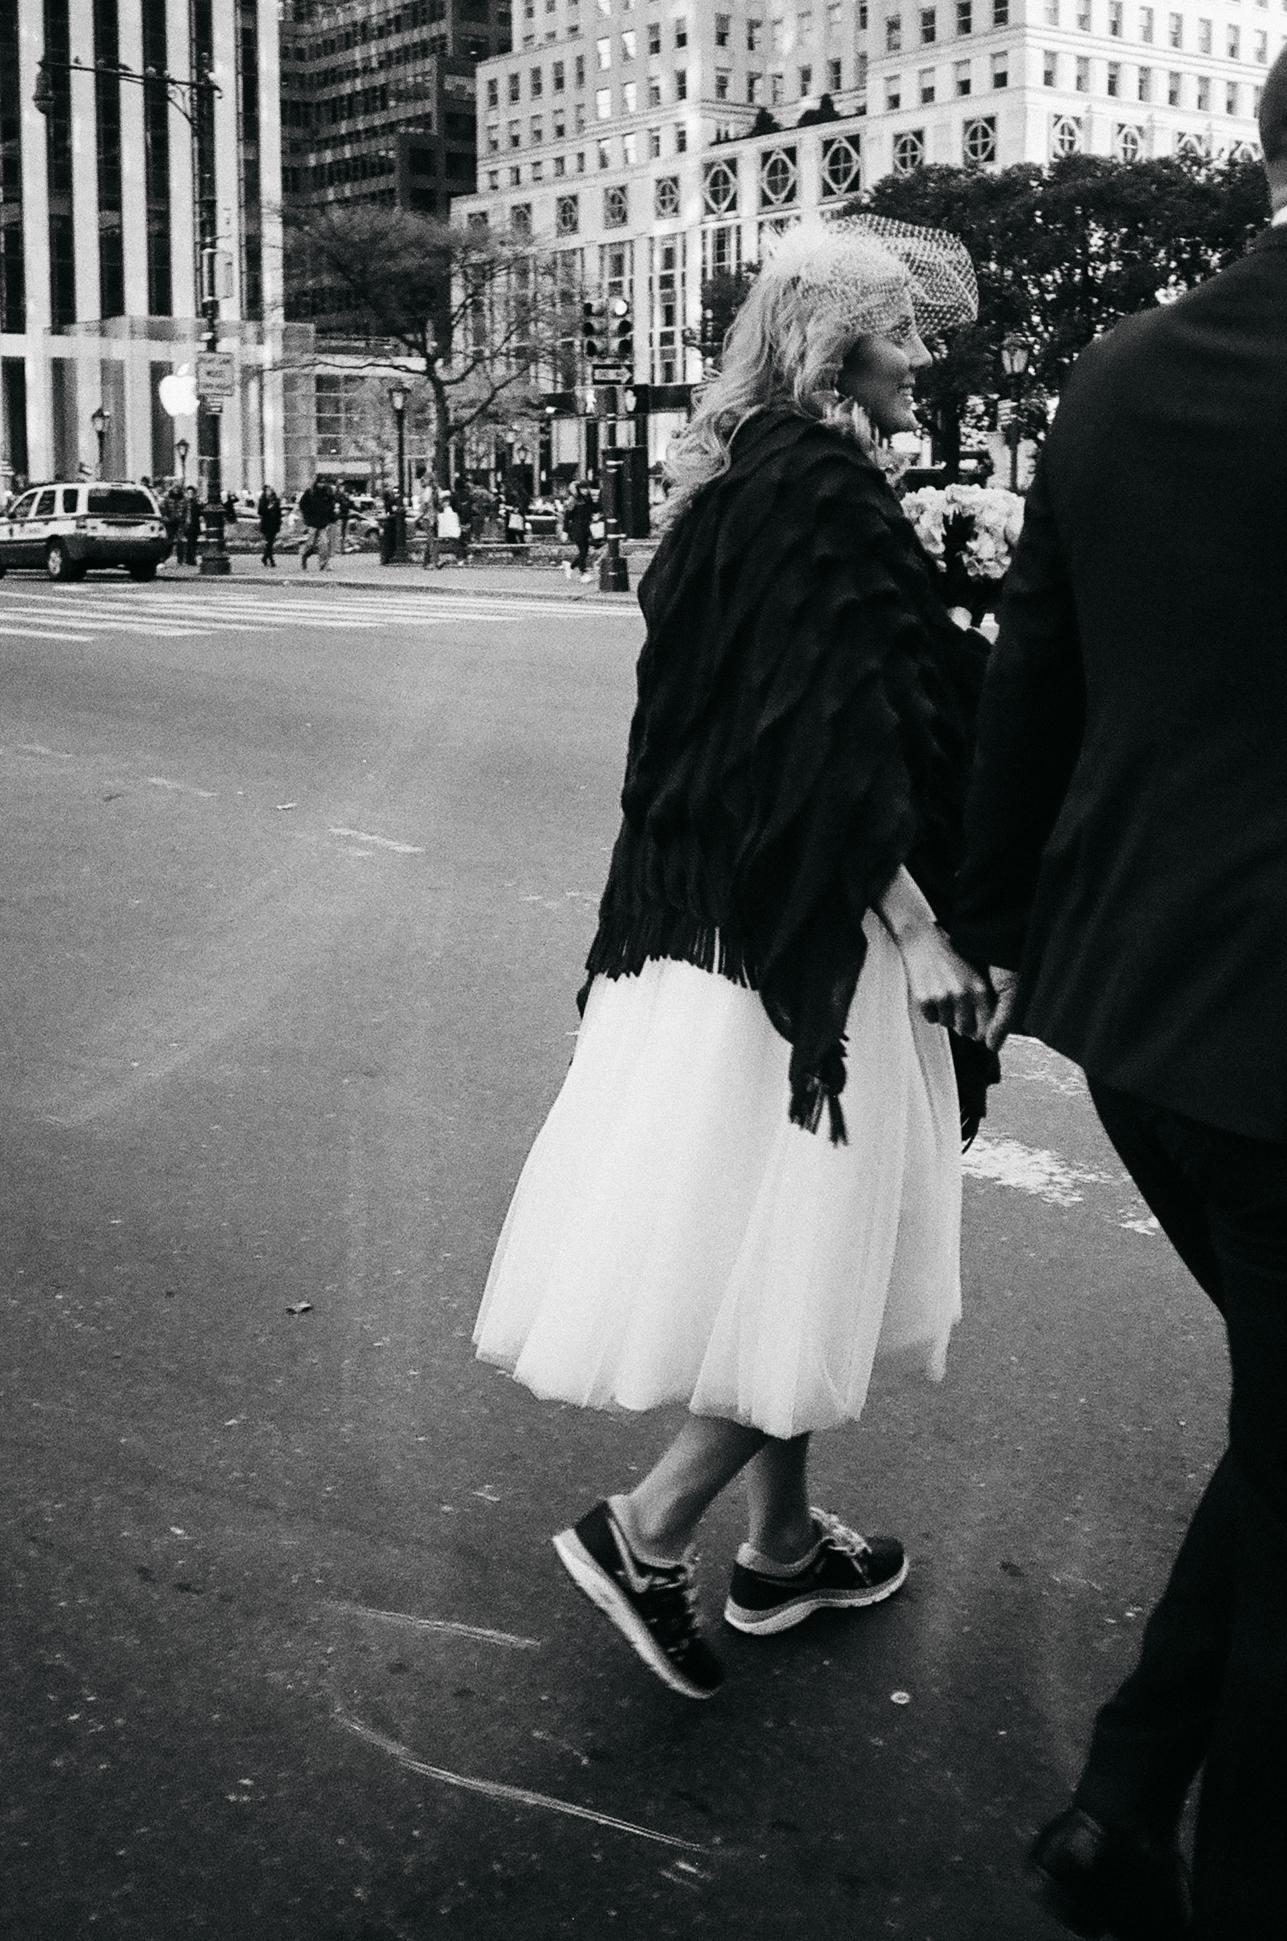 Copy of Bride, NYC (35mm)